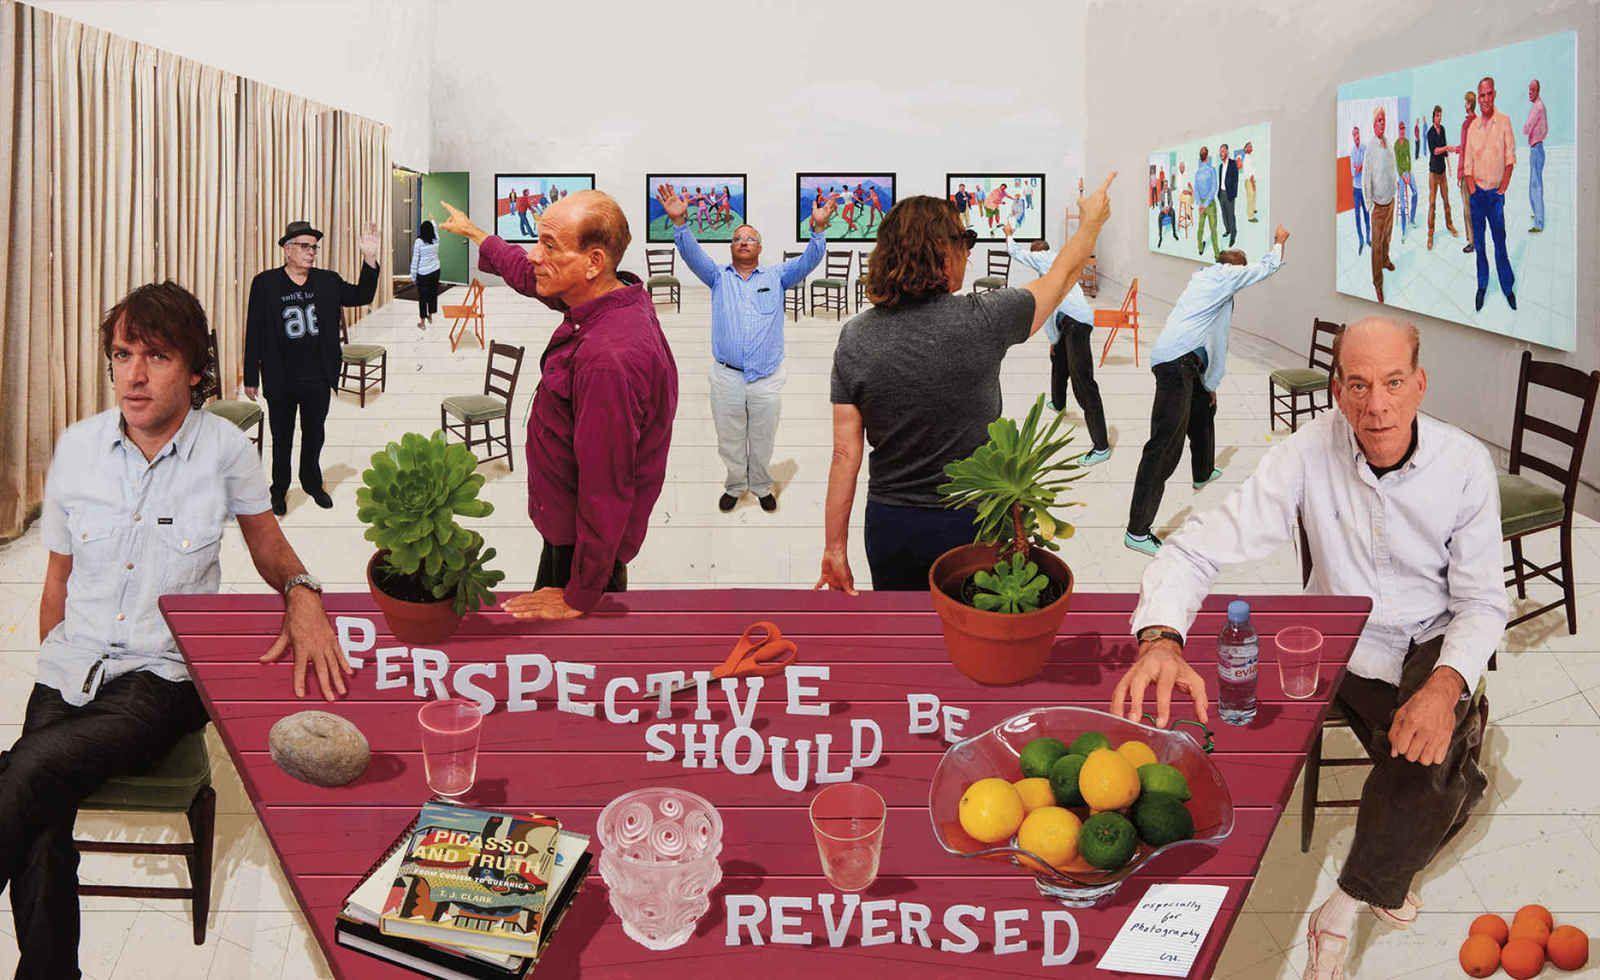 """""""Perspective Should Be Reversed"""" de David HOCKNEY"""